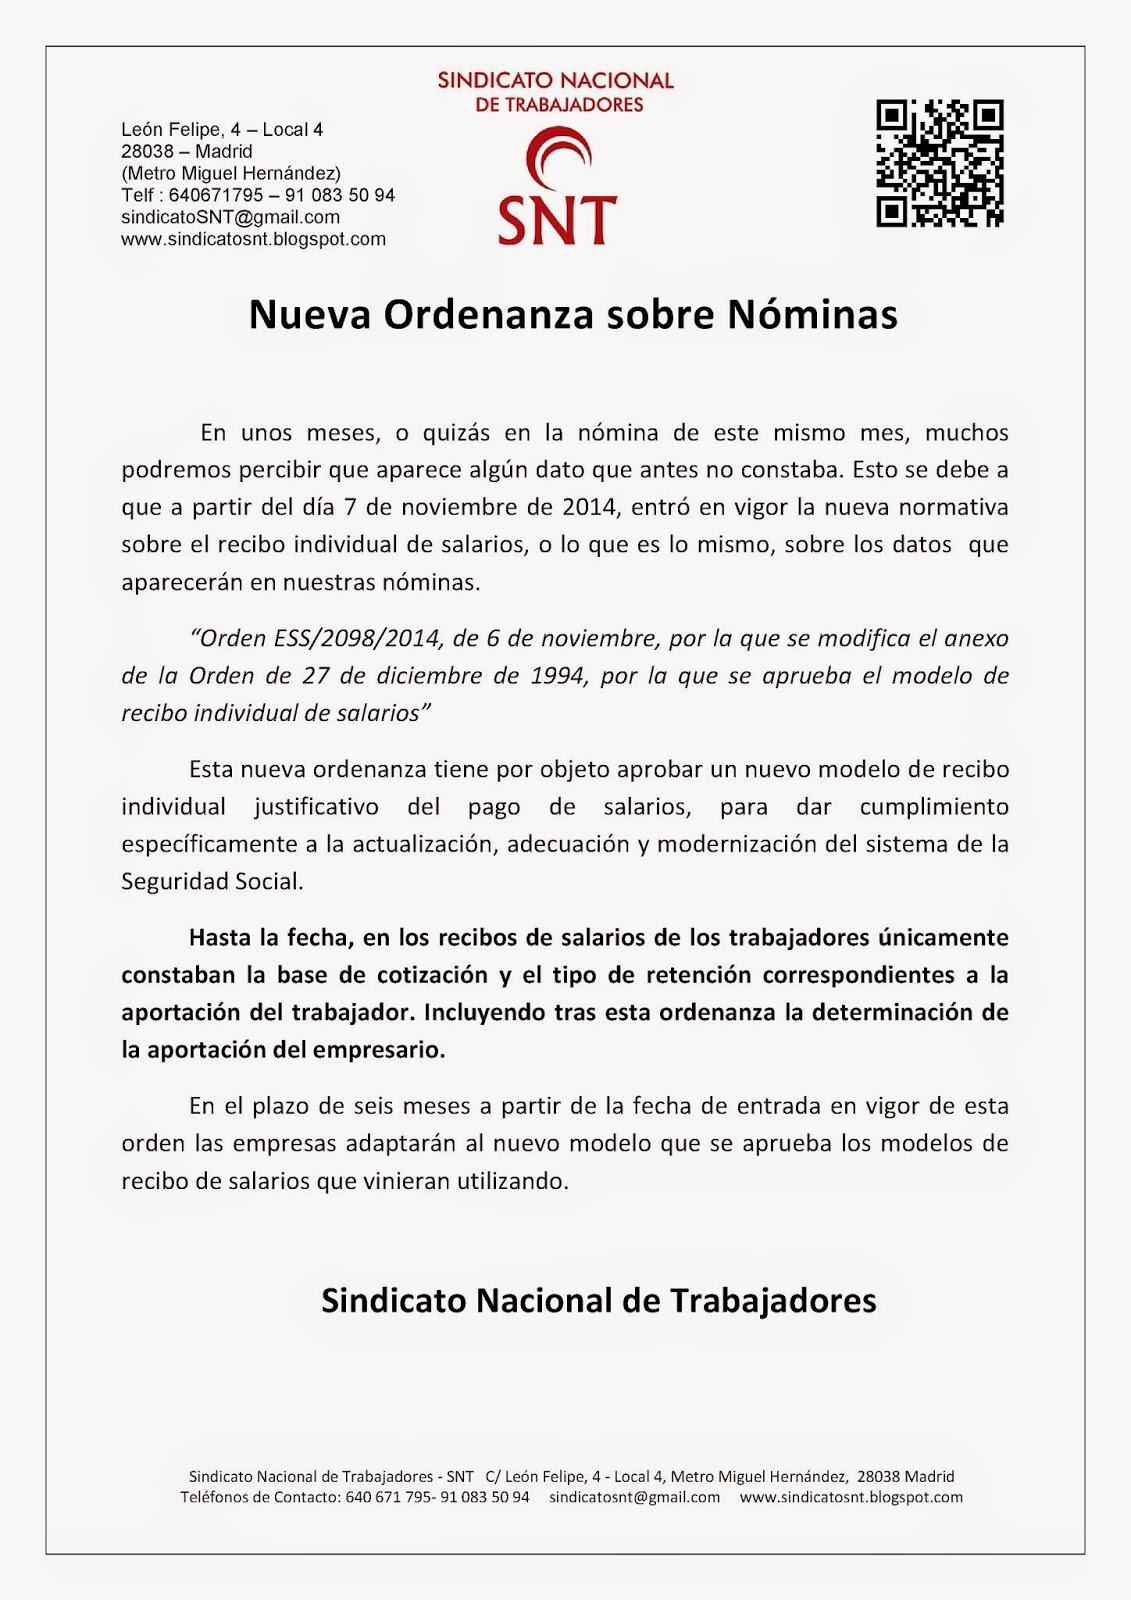 Sindicato nacional de trabajadores snt nueva ordenanza for Modelo de nomina de trabajadores